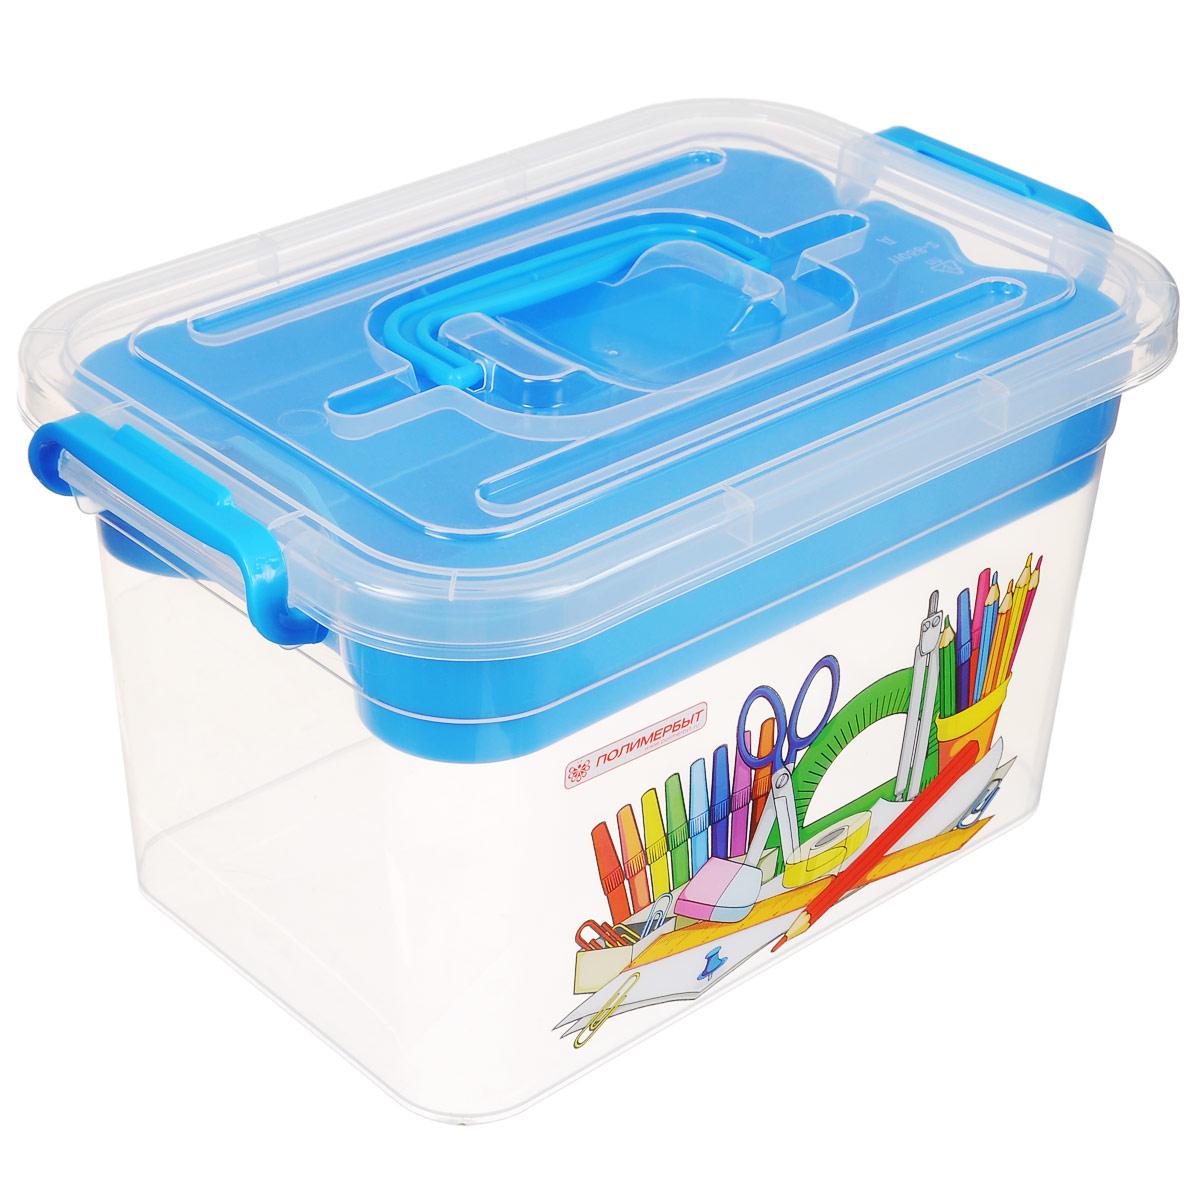 Контейнер Полимербыт Важные мелочи, с вкладышем, цвет: голубой, 6,5 л контейнер полимербыт лайт цвет голубой 3 л